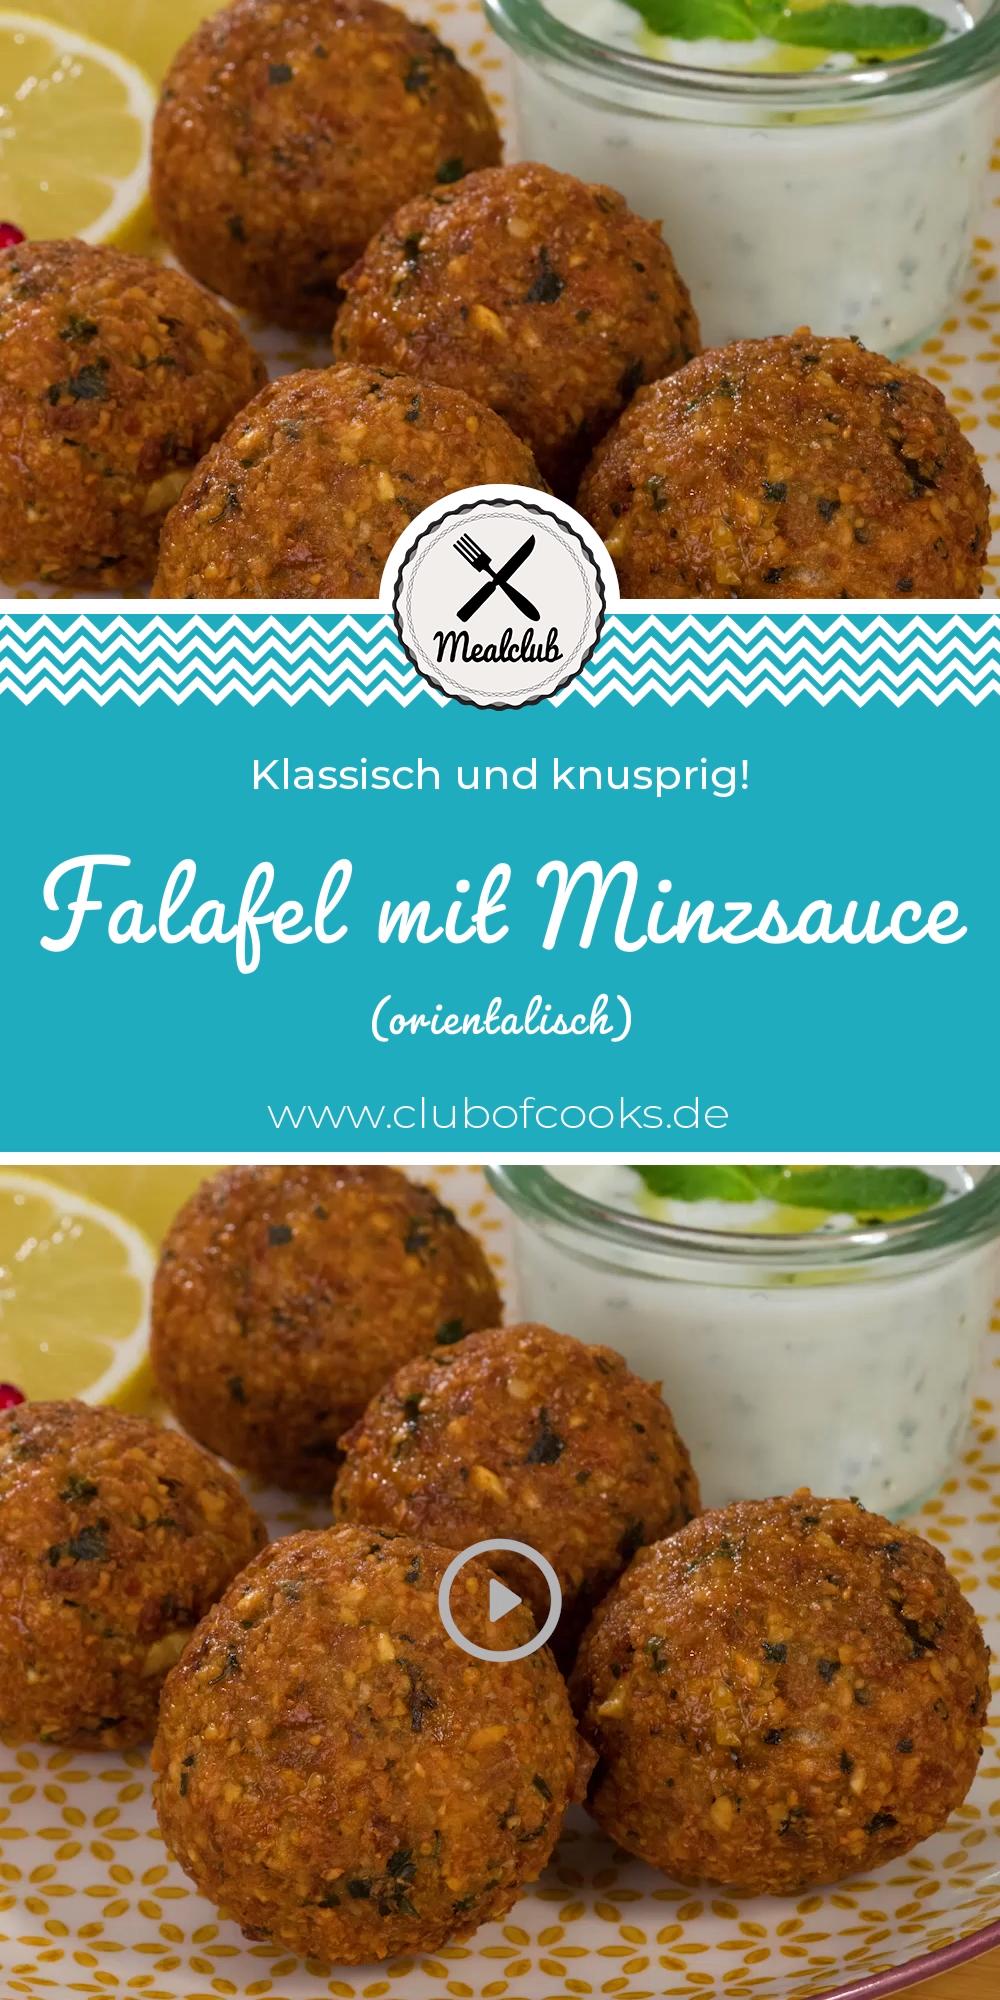 Falafel mit Minzsauce (orientalisch